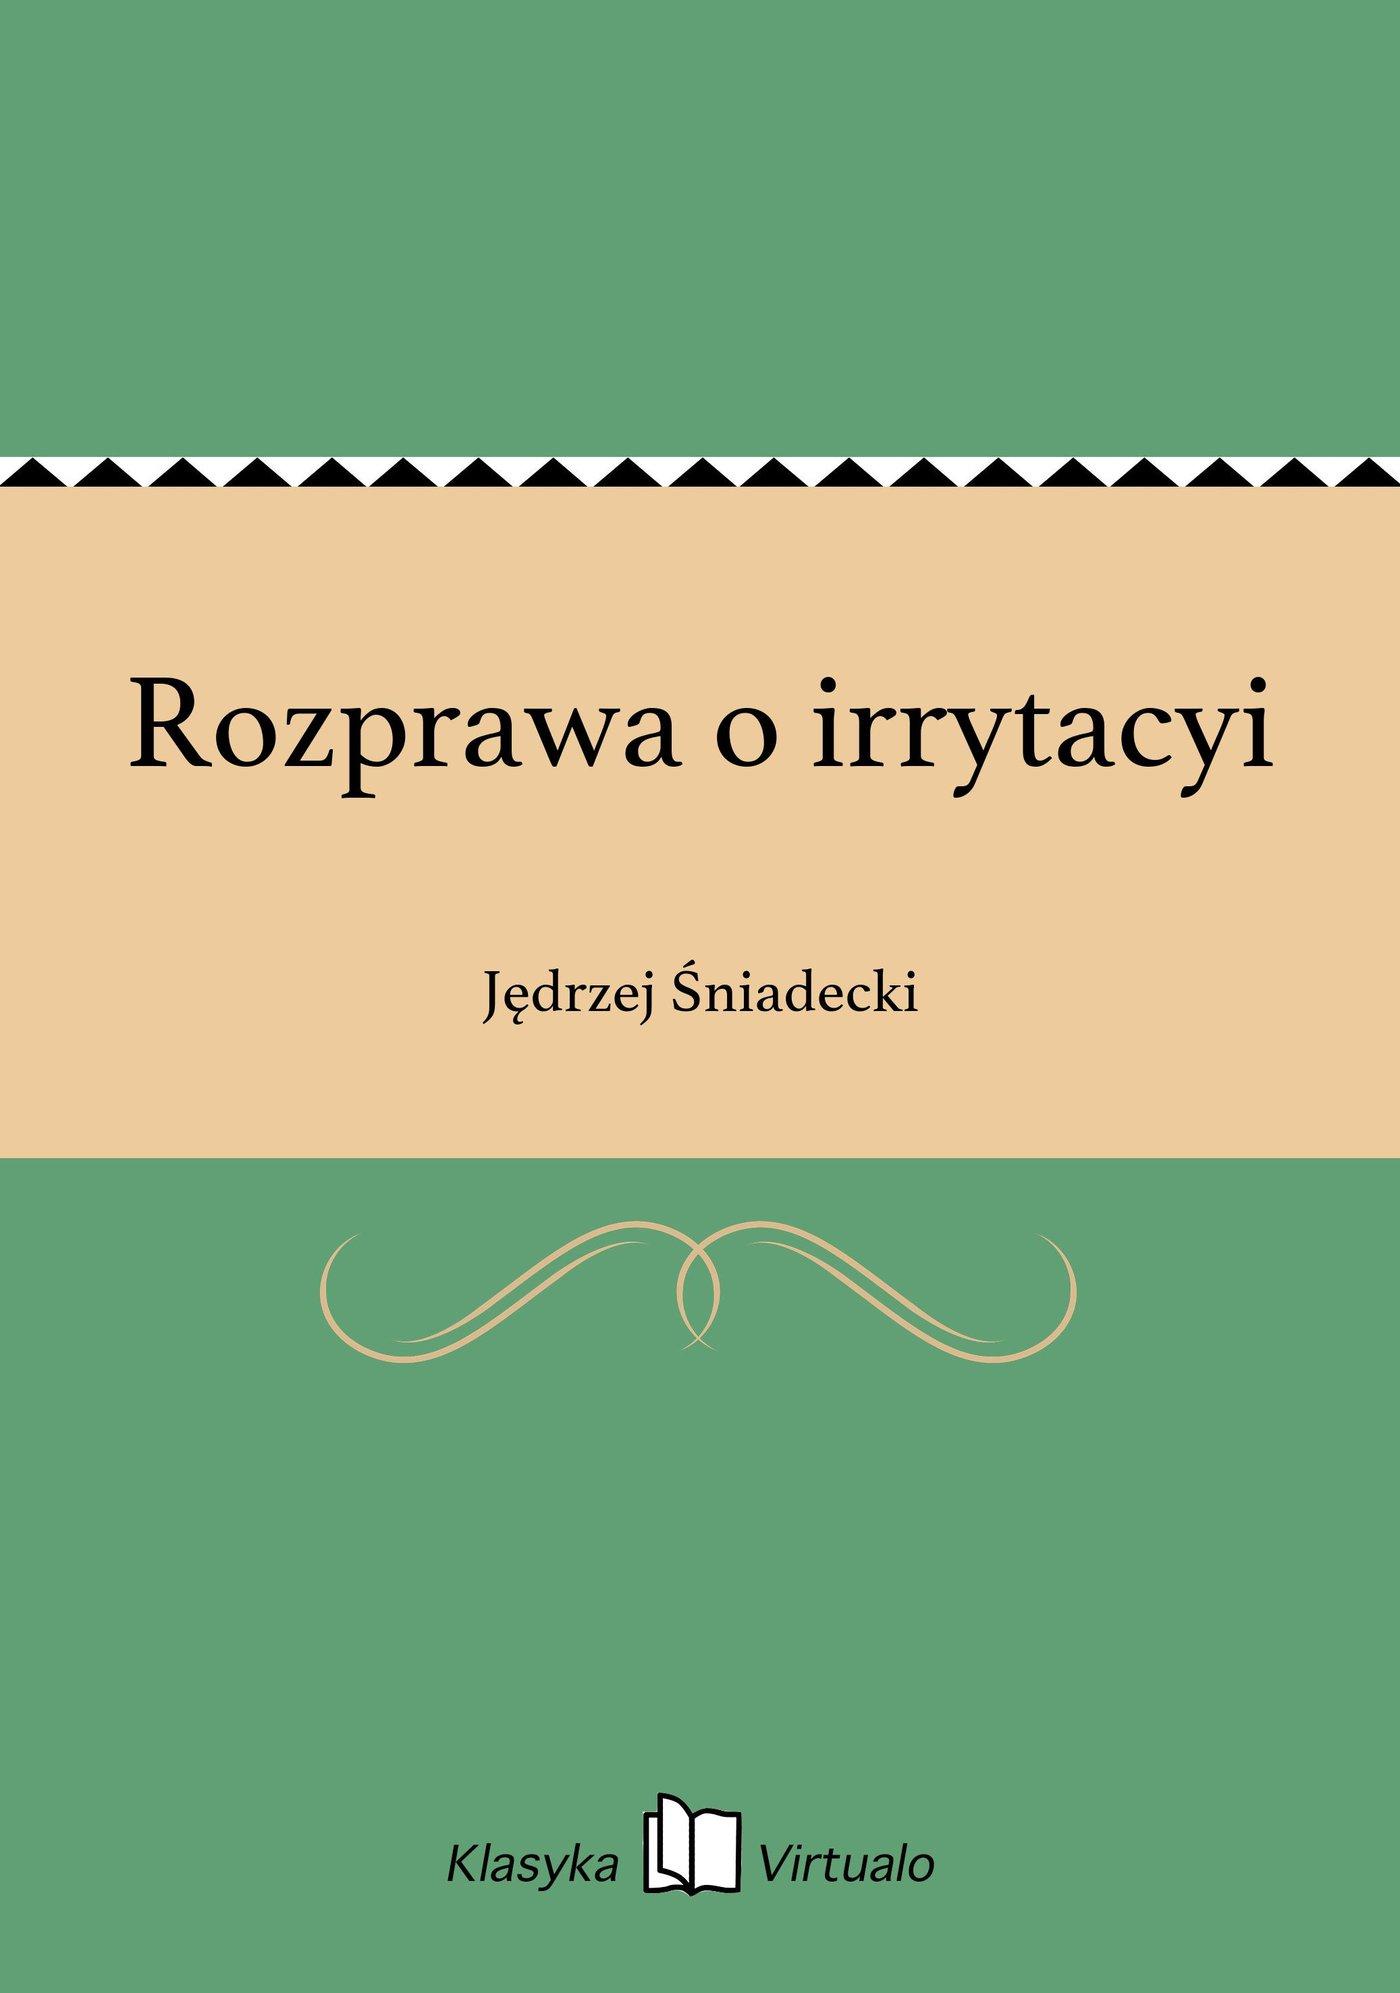 Rozprawa o irrytacyi - Ebook (Książka na Kindle) do pobrania w formacie MOBI